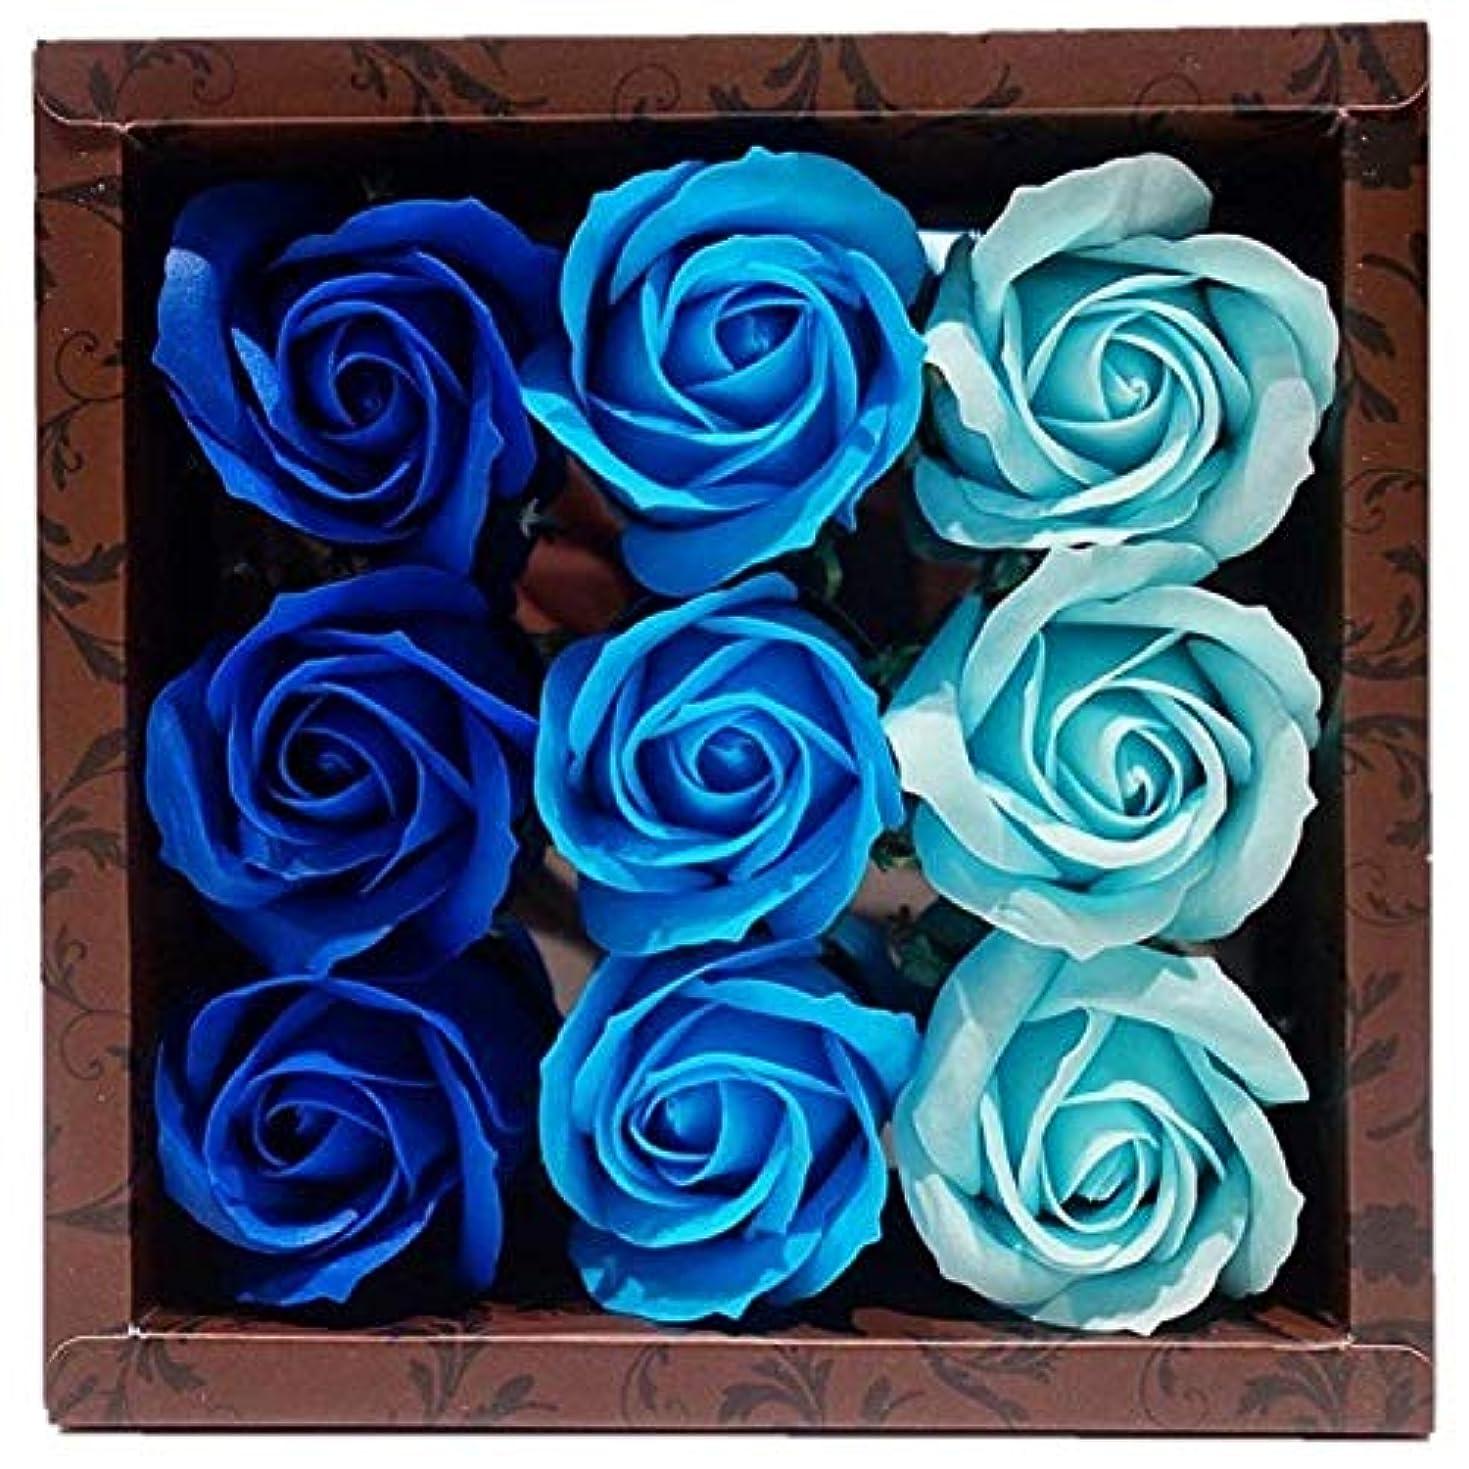 ペルセウスサイレン余暇バスフレグランス バスフラワー ローズフレグランス ブルーカラー ギフト お花の形の入浴剤 ばら